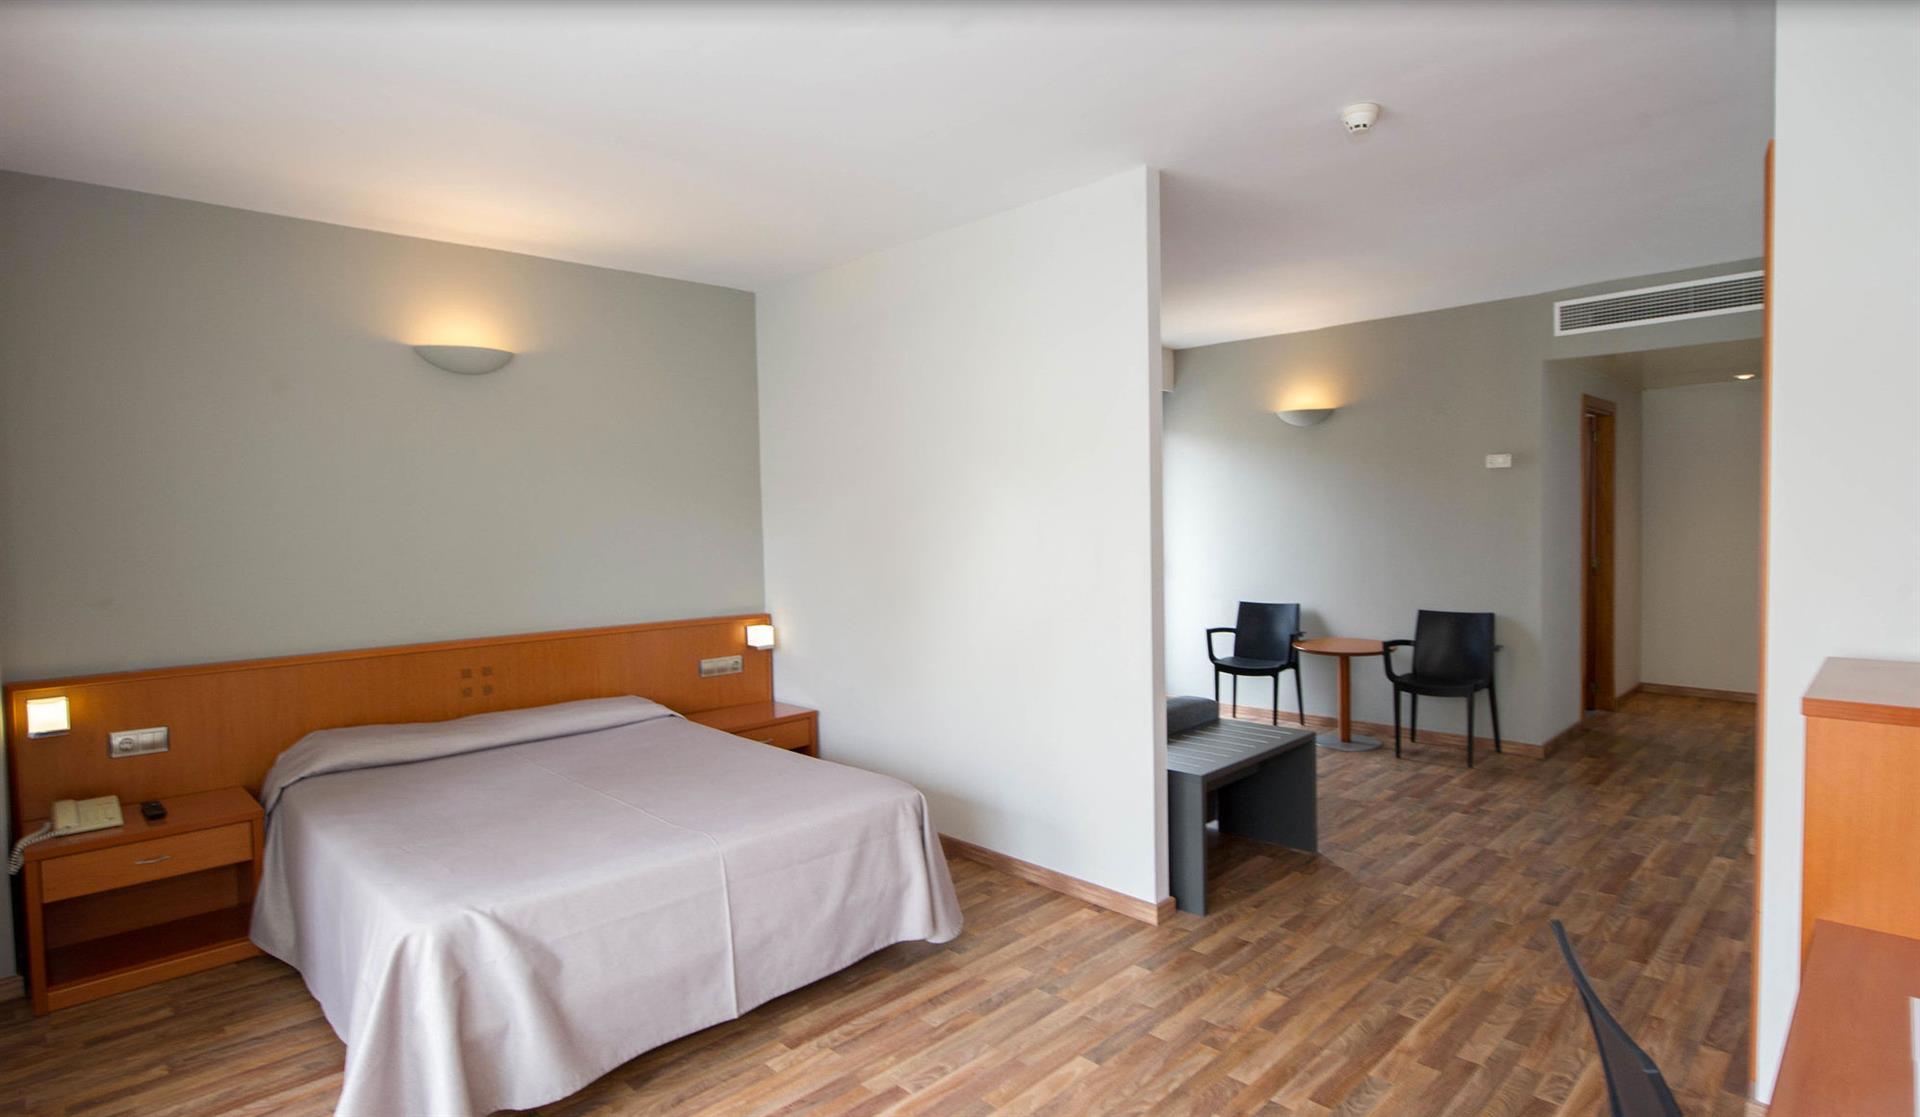 Fotos Hotel RH Vinars Playa  Hoteles en Vinars Castelln